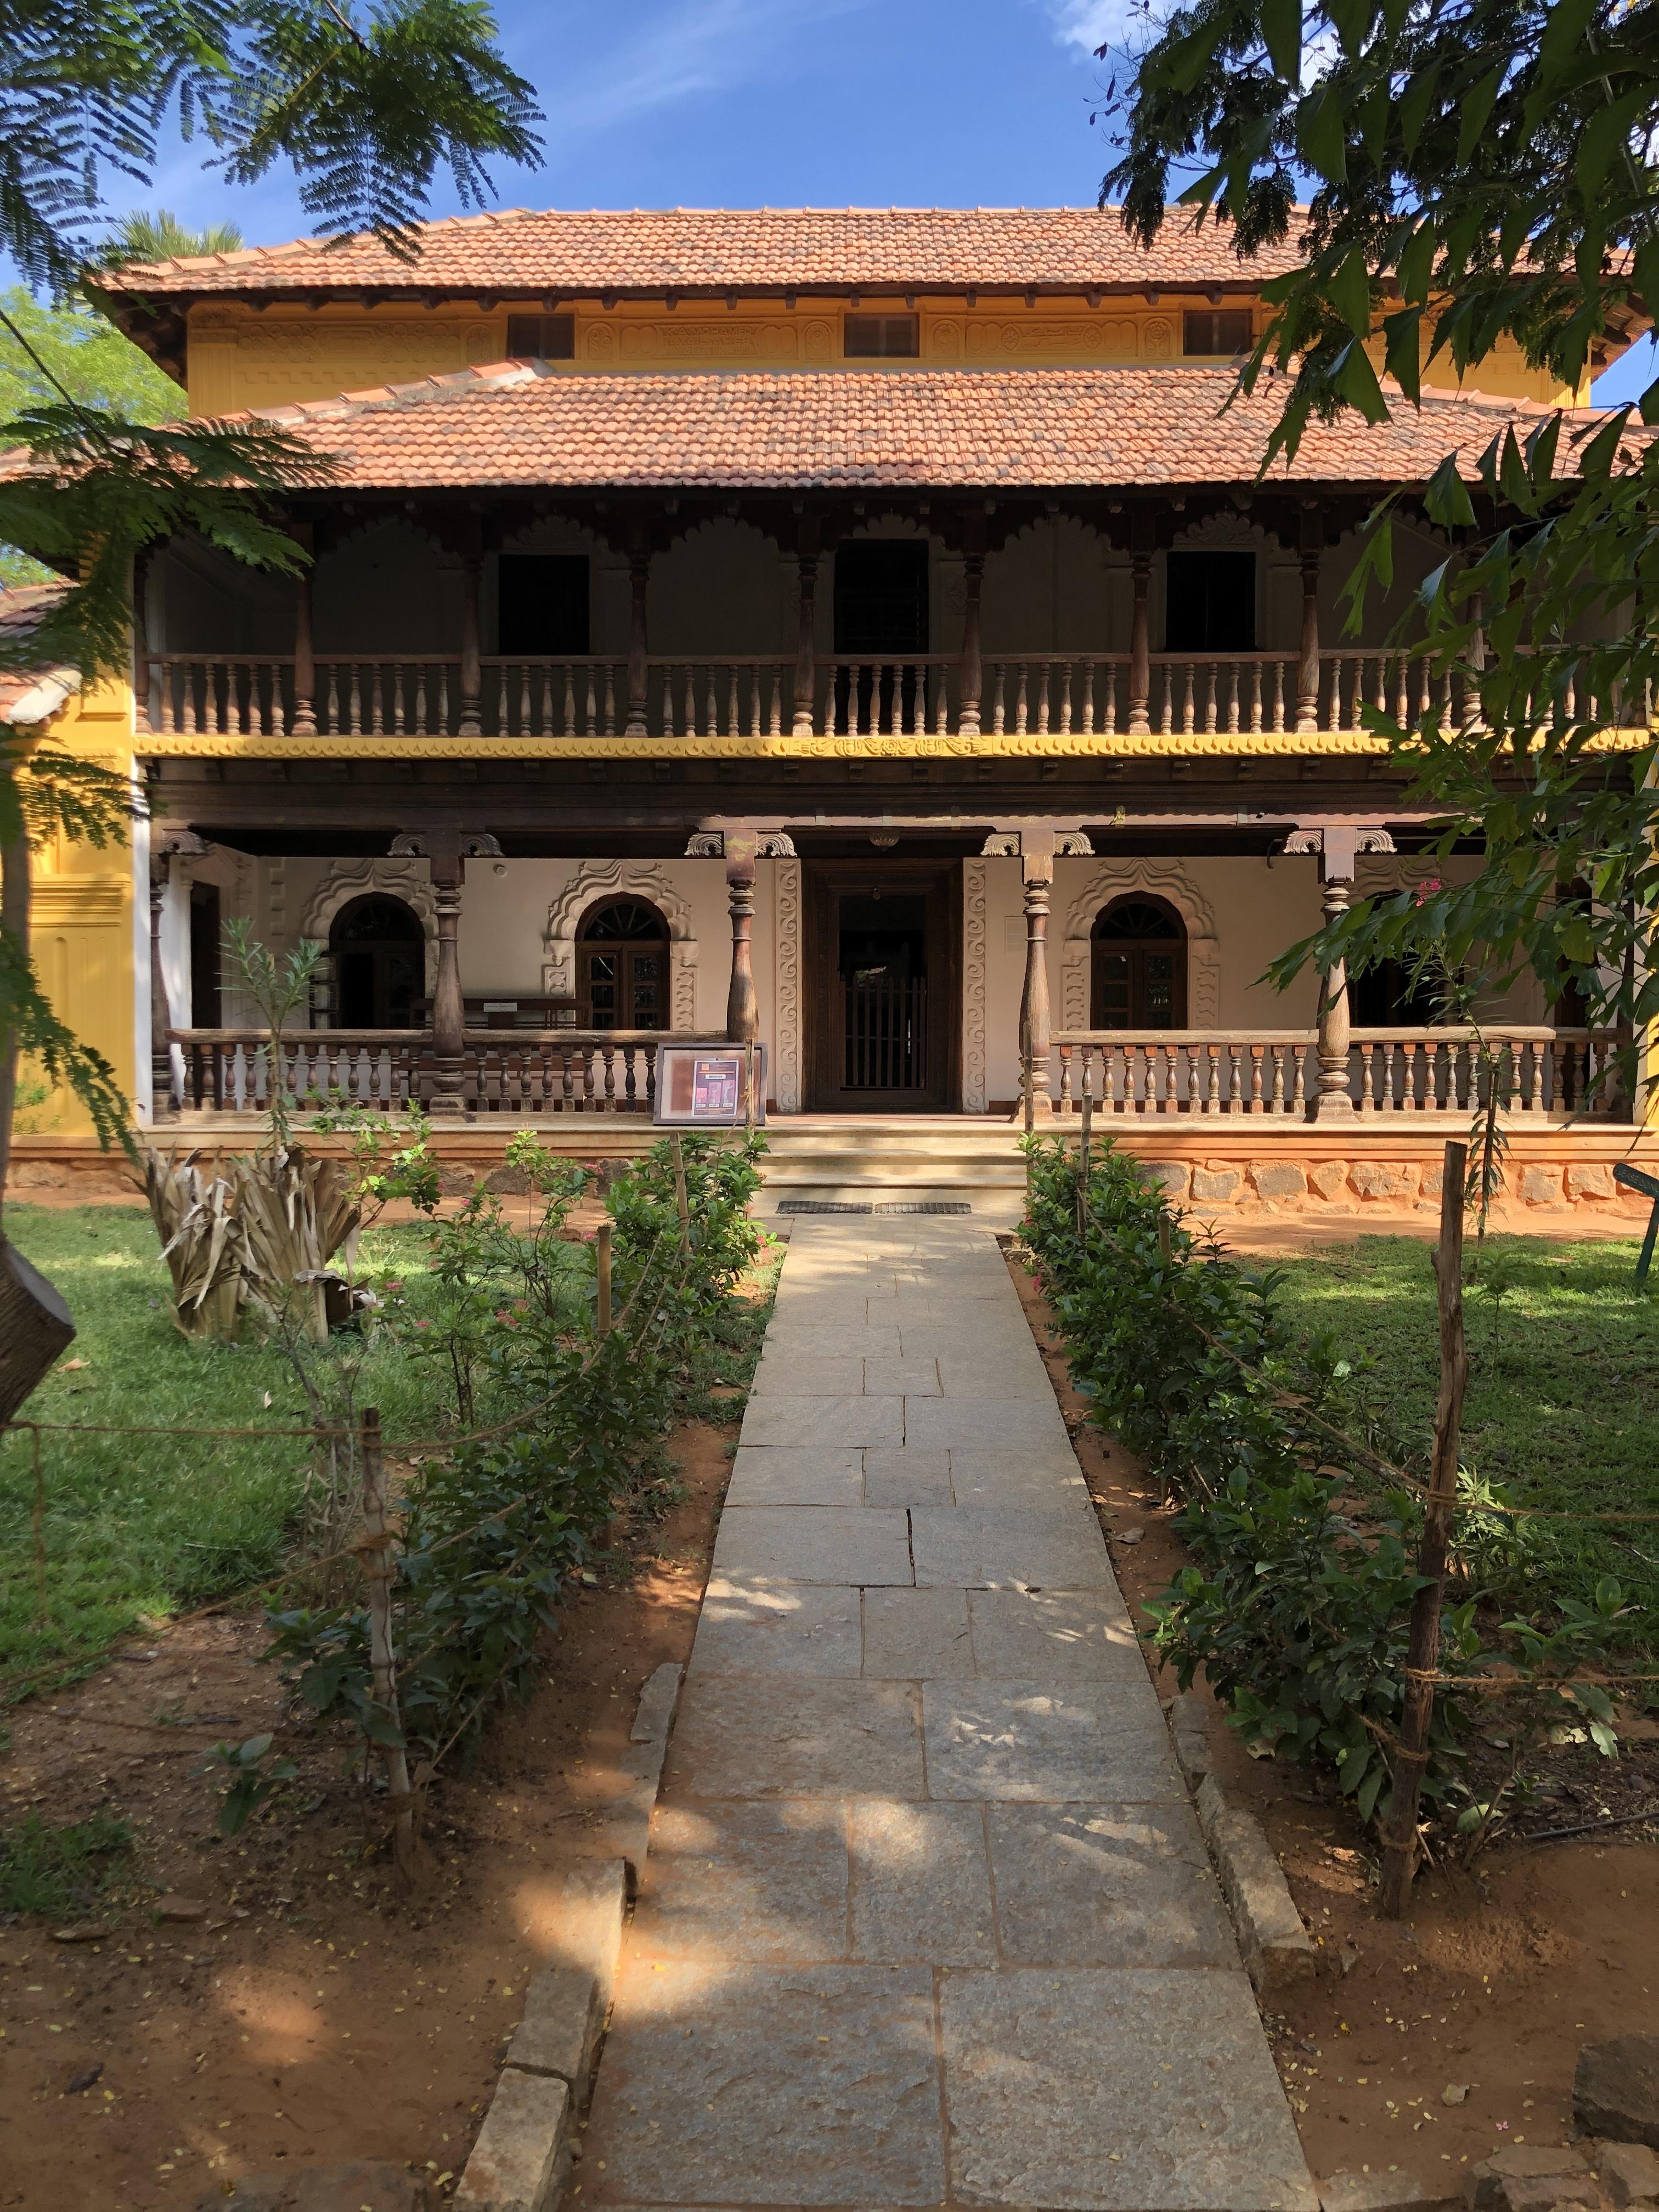 Muslimisches Händlerhaus aus Karnataka